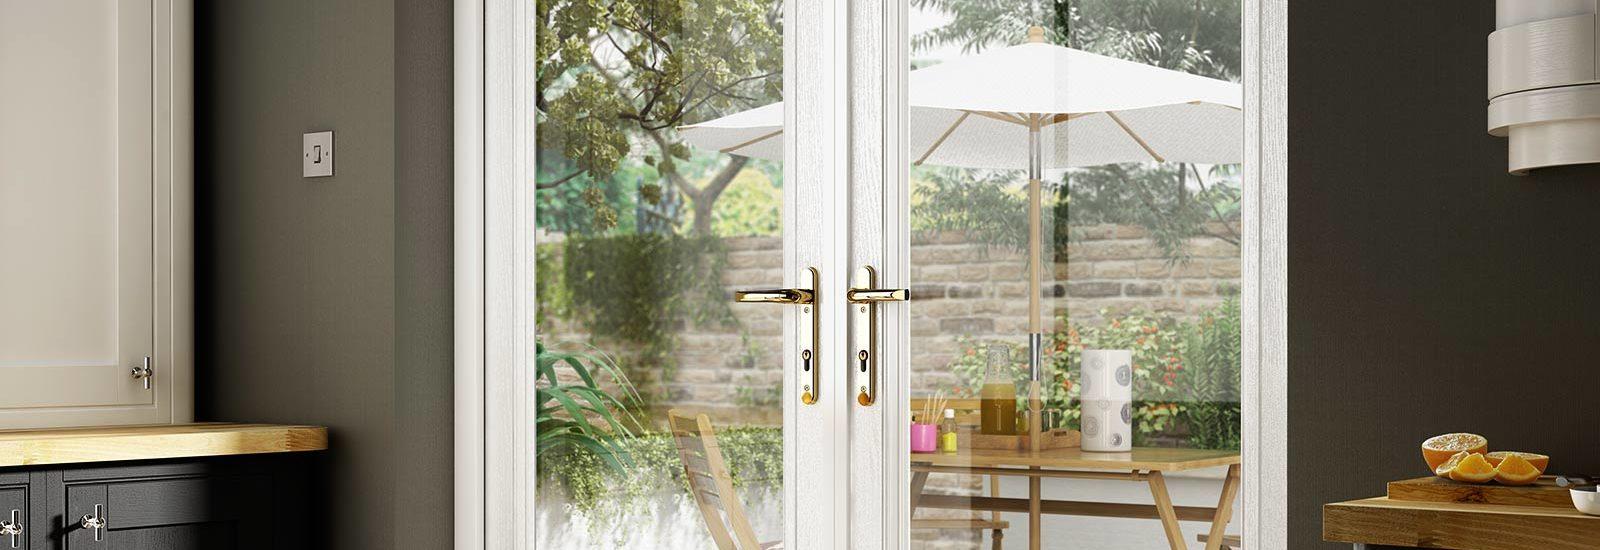 Paned window door wrap jambsill typical stevens point for Buy milgard windows online